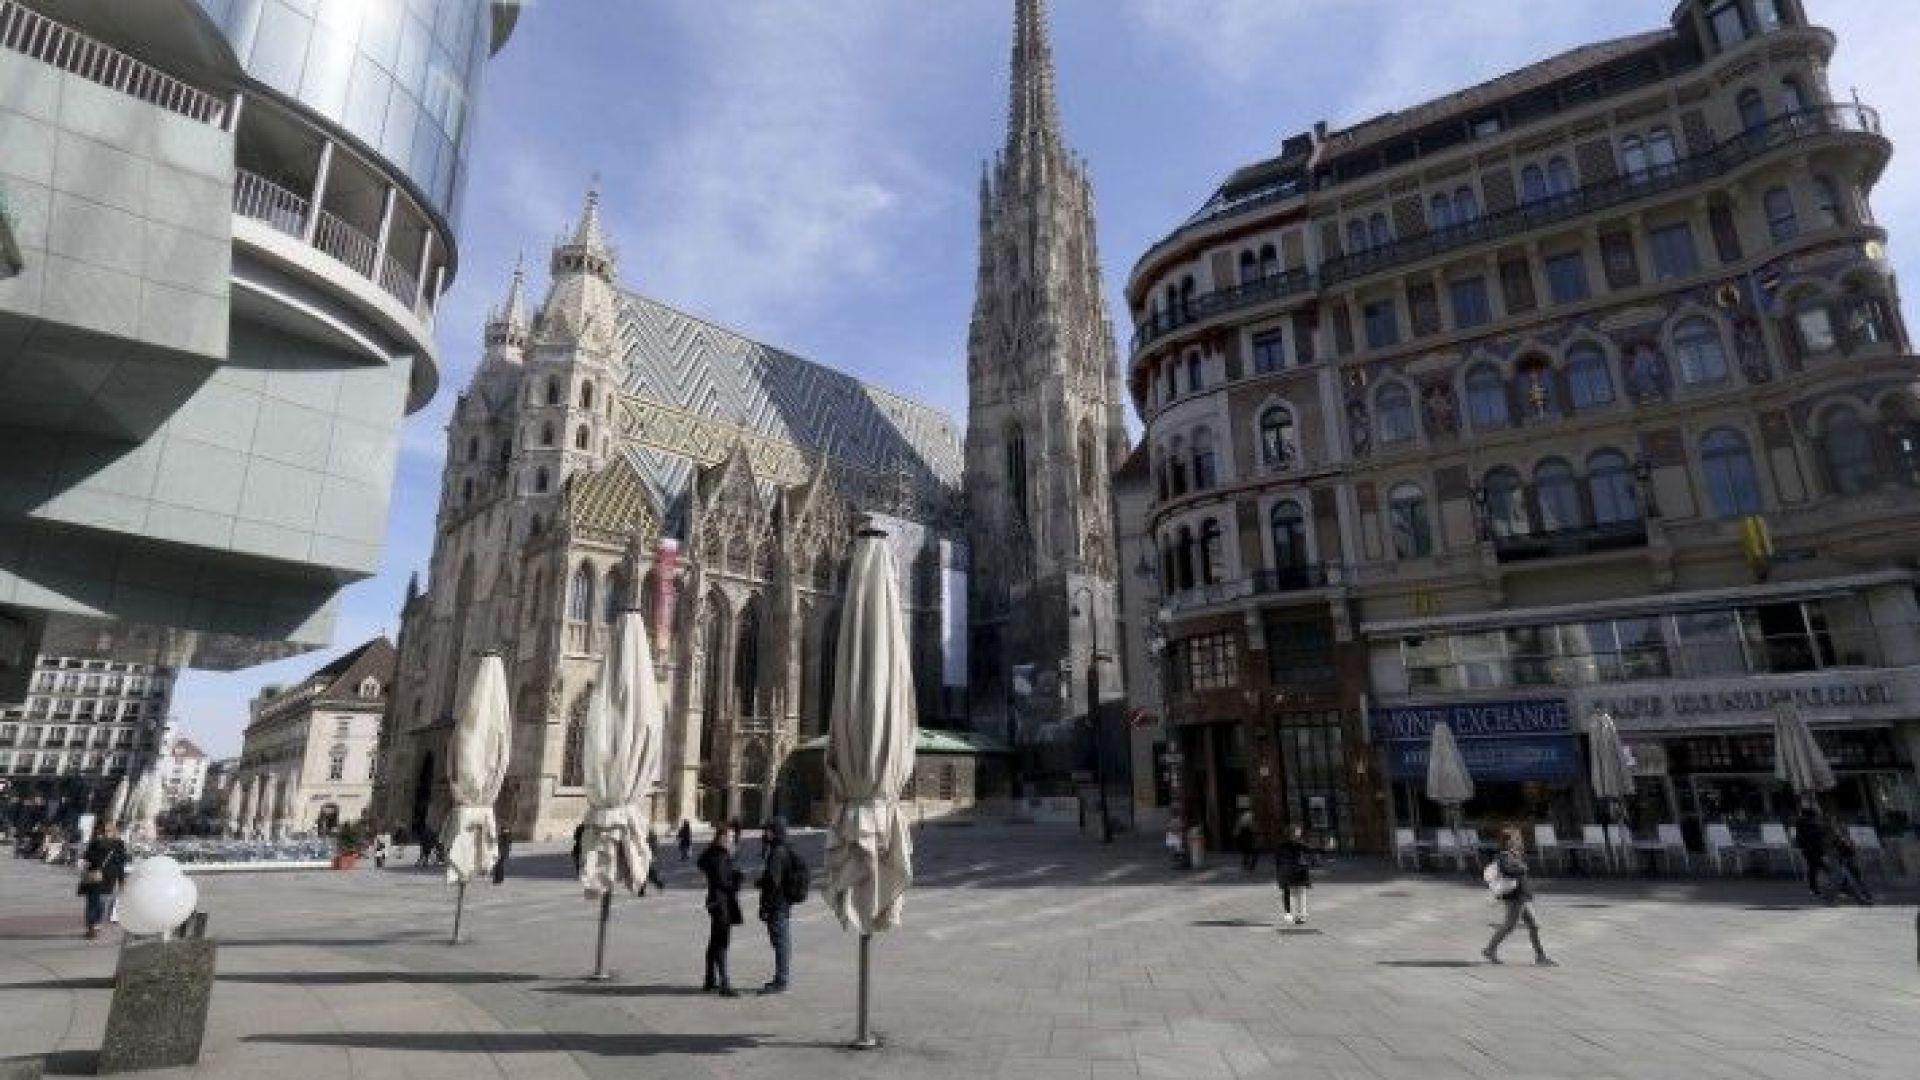 Българи ще влизат в Австрия само с отрицателен PCR-тест от днес